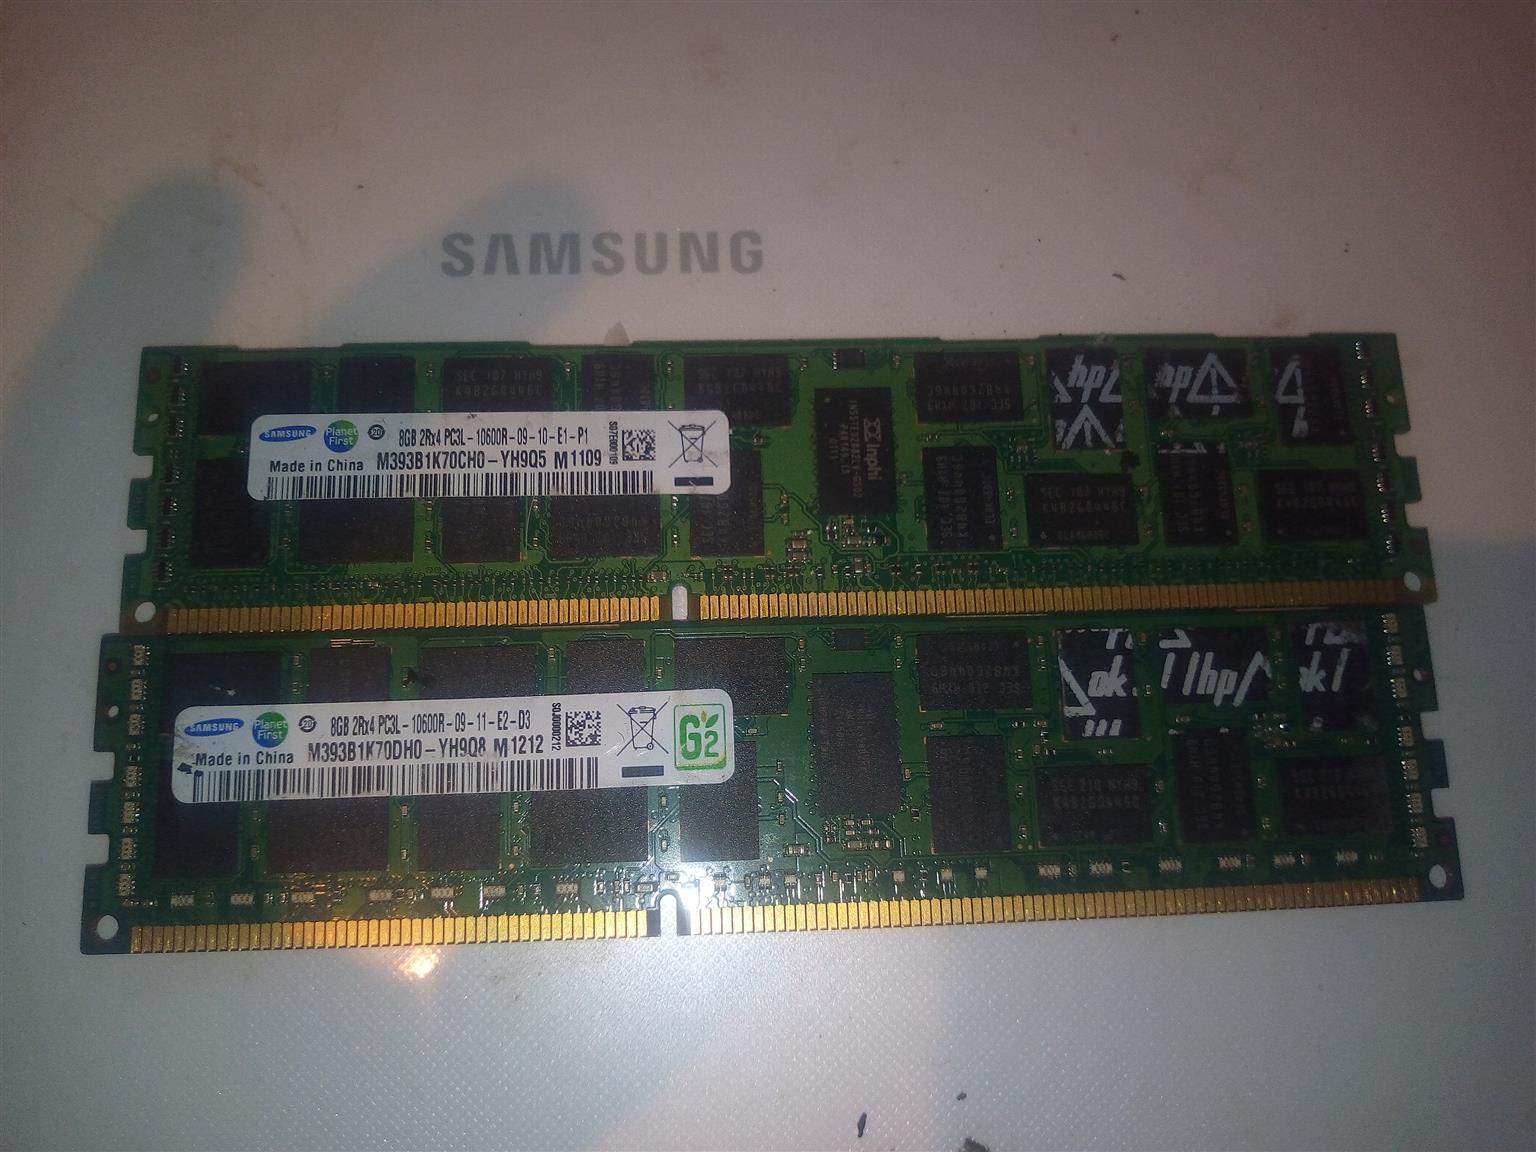 2 8gb ddr3 ecc ram modules for sale